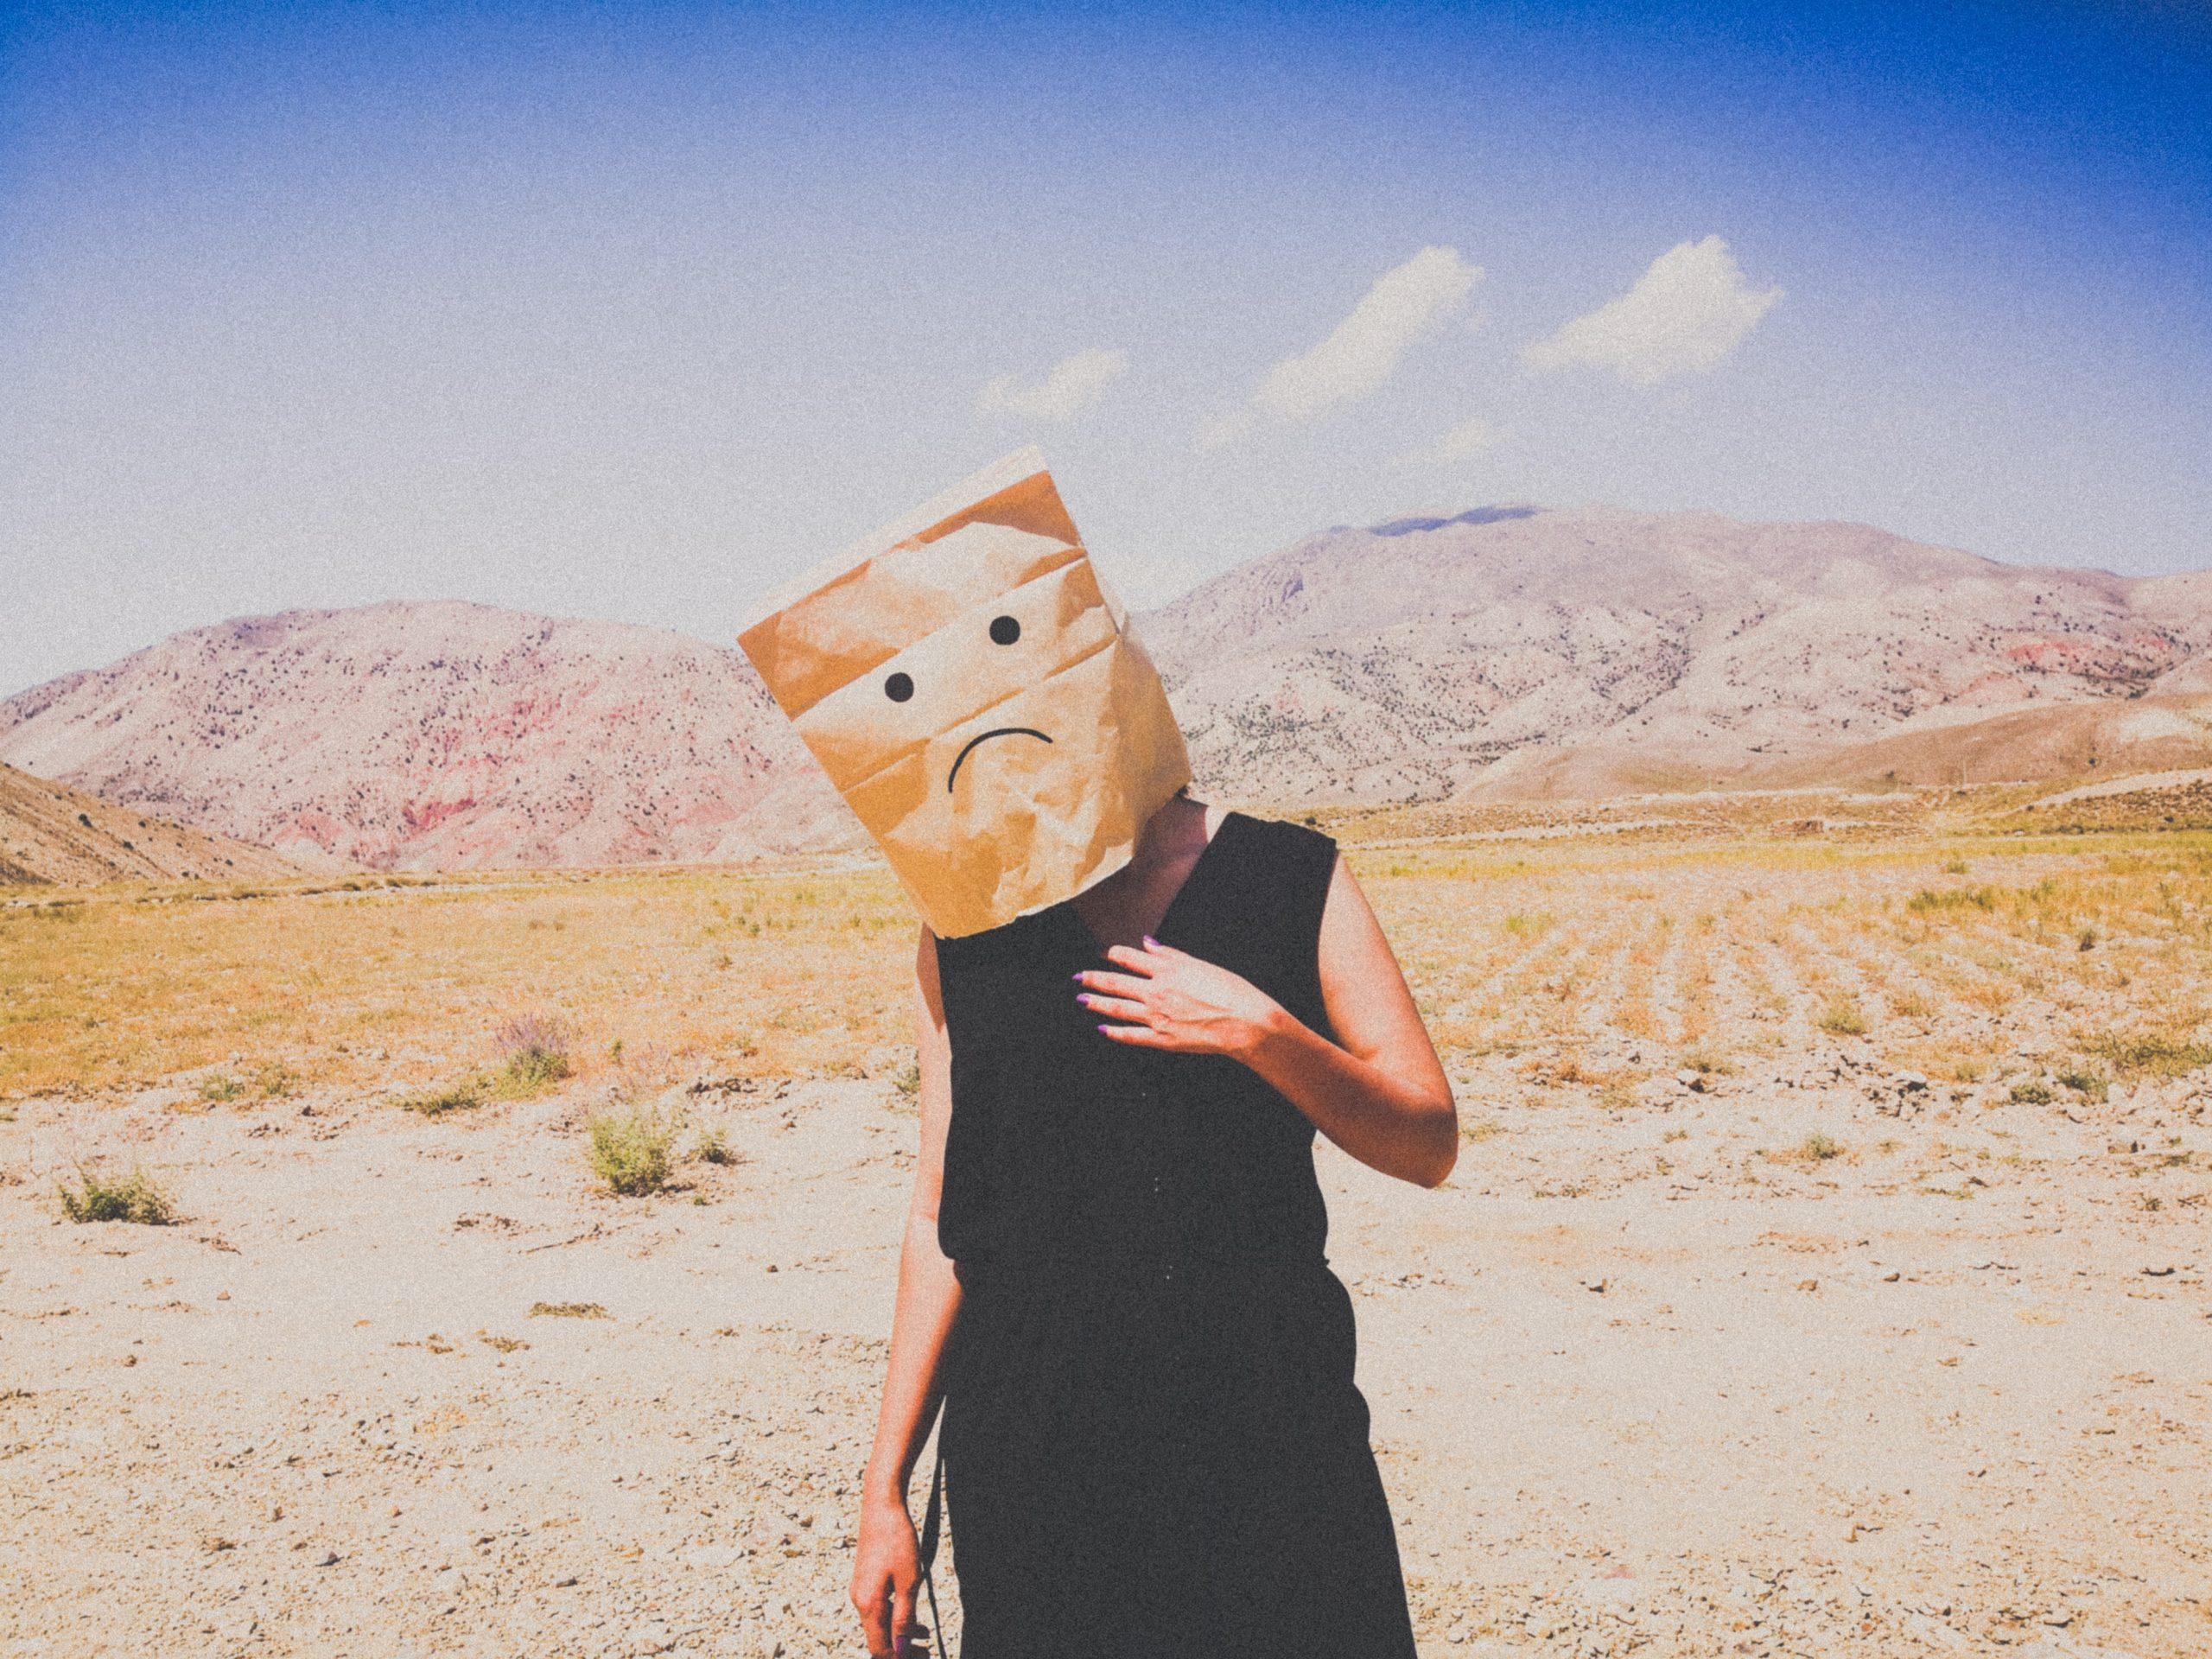 Imagem de uma pessoa com saco de pão com expressão triste na cabeça